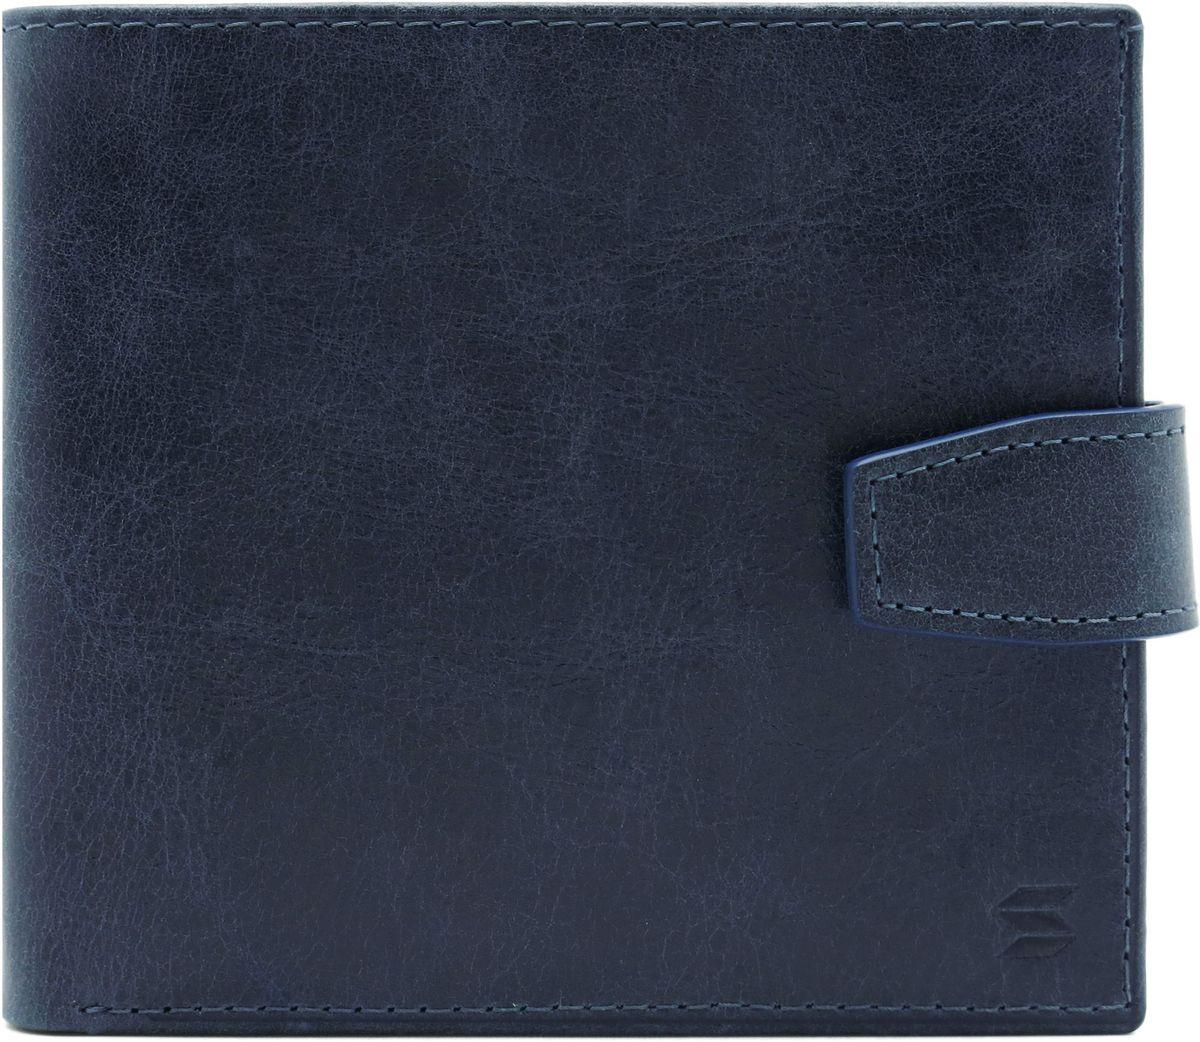 Портмоне мужское Soltan, цвет: синий. 160 11 17160 11 17Портмоне SOLTAN из натуральной кожи с эффектом старения, синего цвета, застегивается на кнопку, а имеет три отделения для купюр, одно из которых на молнии, 3 кармашка для кредиток, отделение для мелочи.